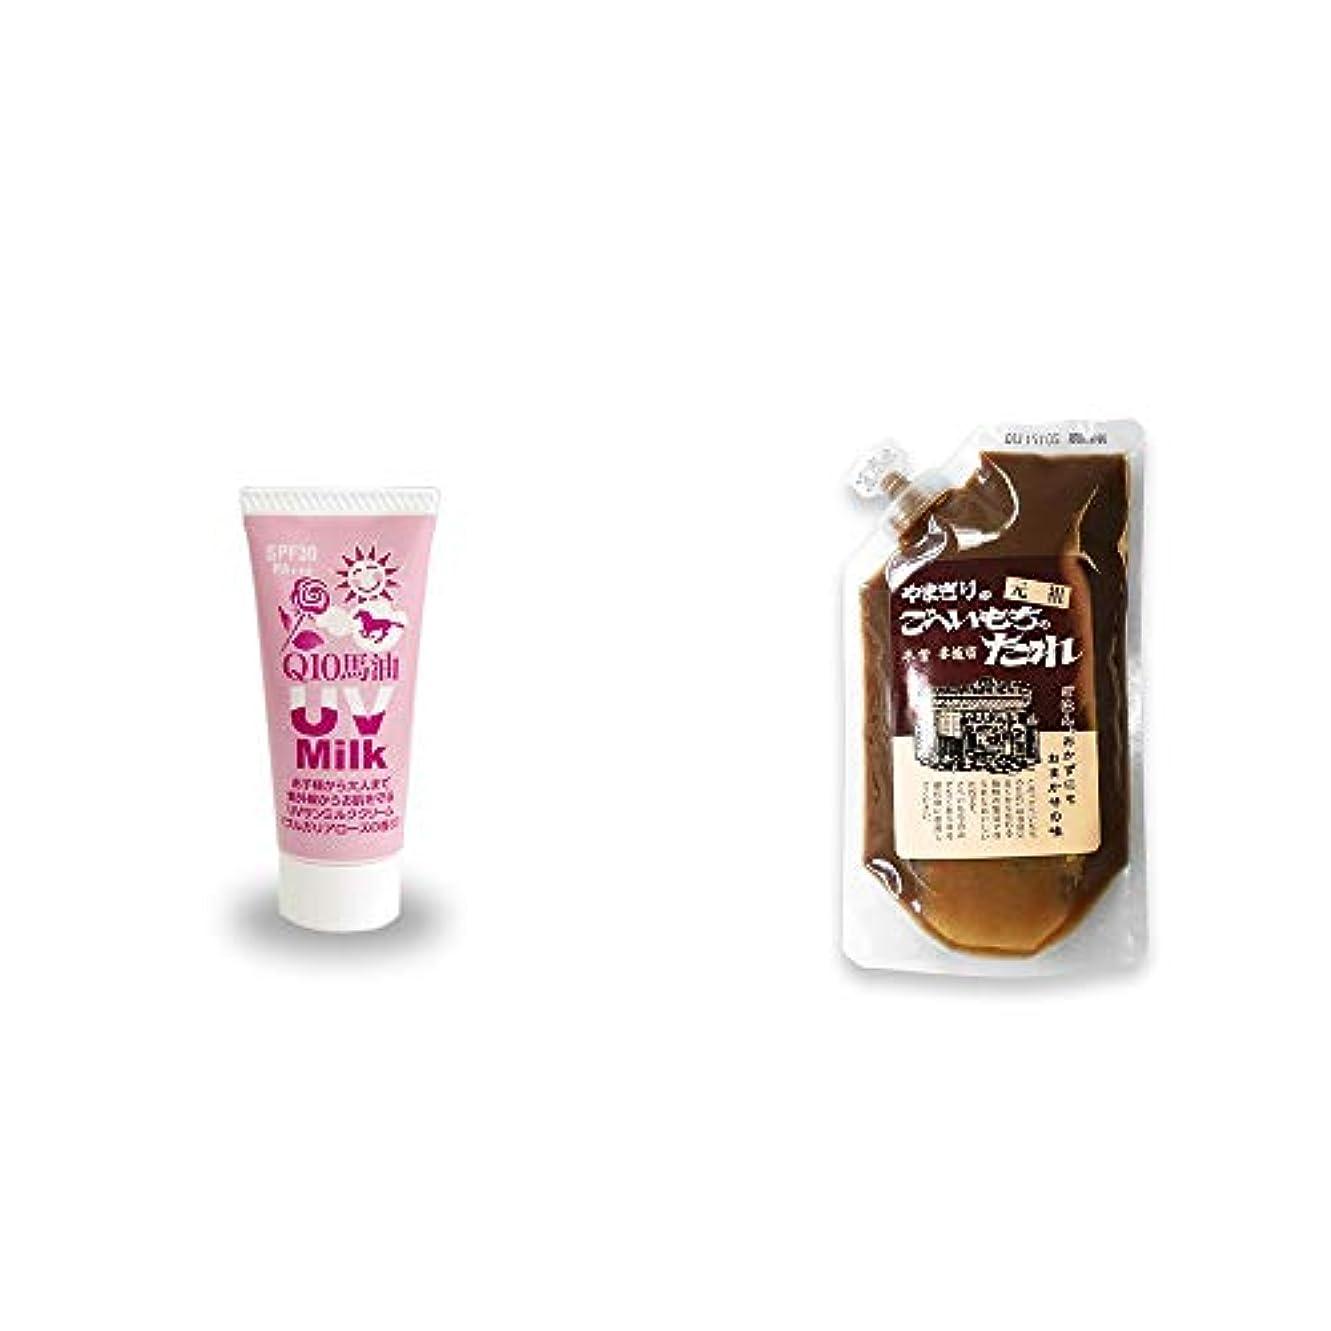 [2点セット] 炭黒泉 Q10馬油 UVサンミルク[ブルガリアローズ](40g)?妻籠宿 やまぎり食堂 ごへい餅のたれ(250g)